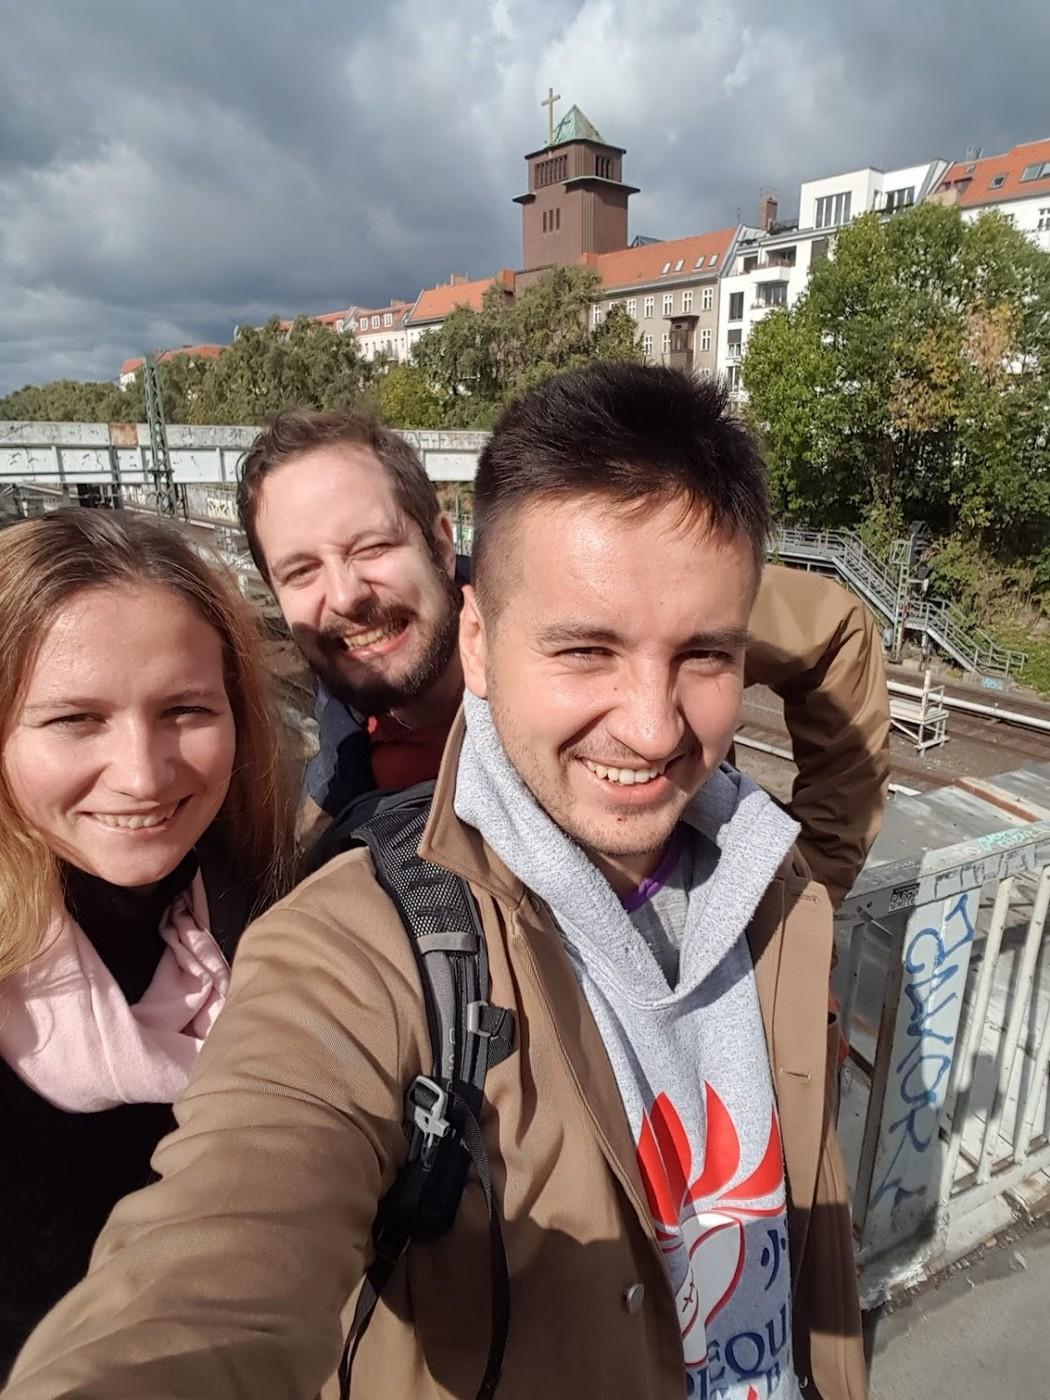 Выходные с друзьями, прогулки по Берлину, даже посмотрели регби под вюрст и пиво. Очень хорошо перезарядил батарейки :)